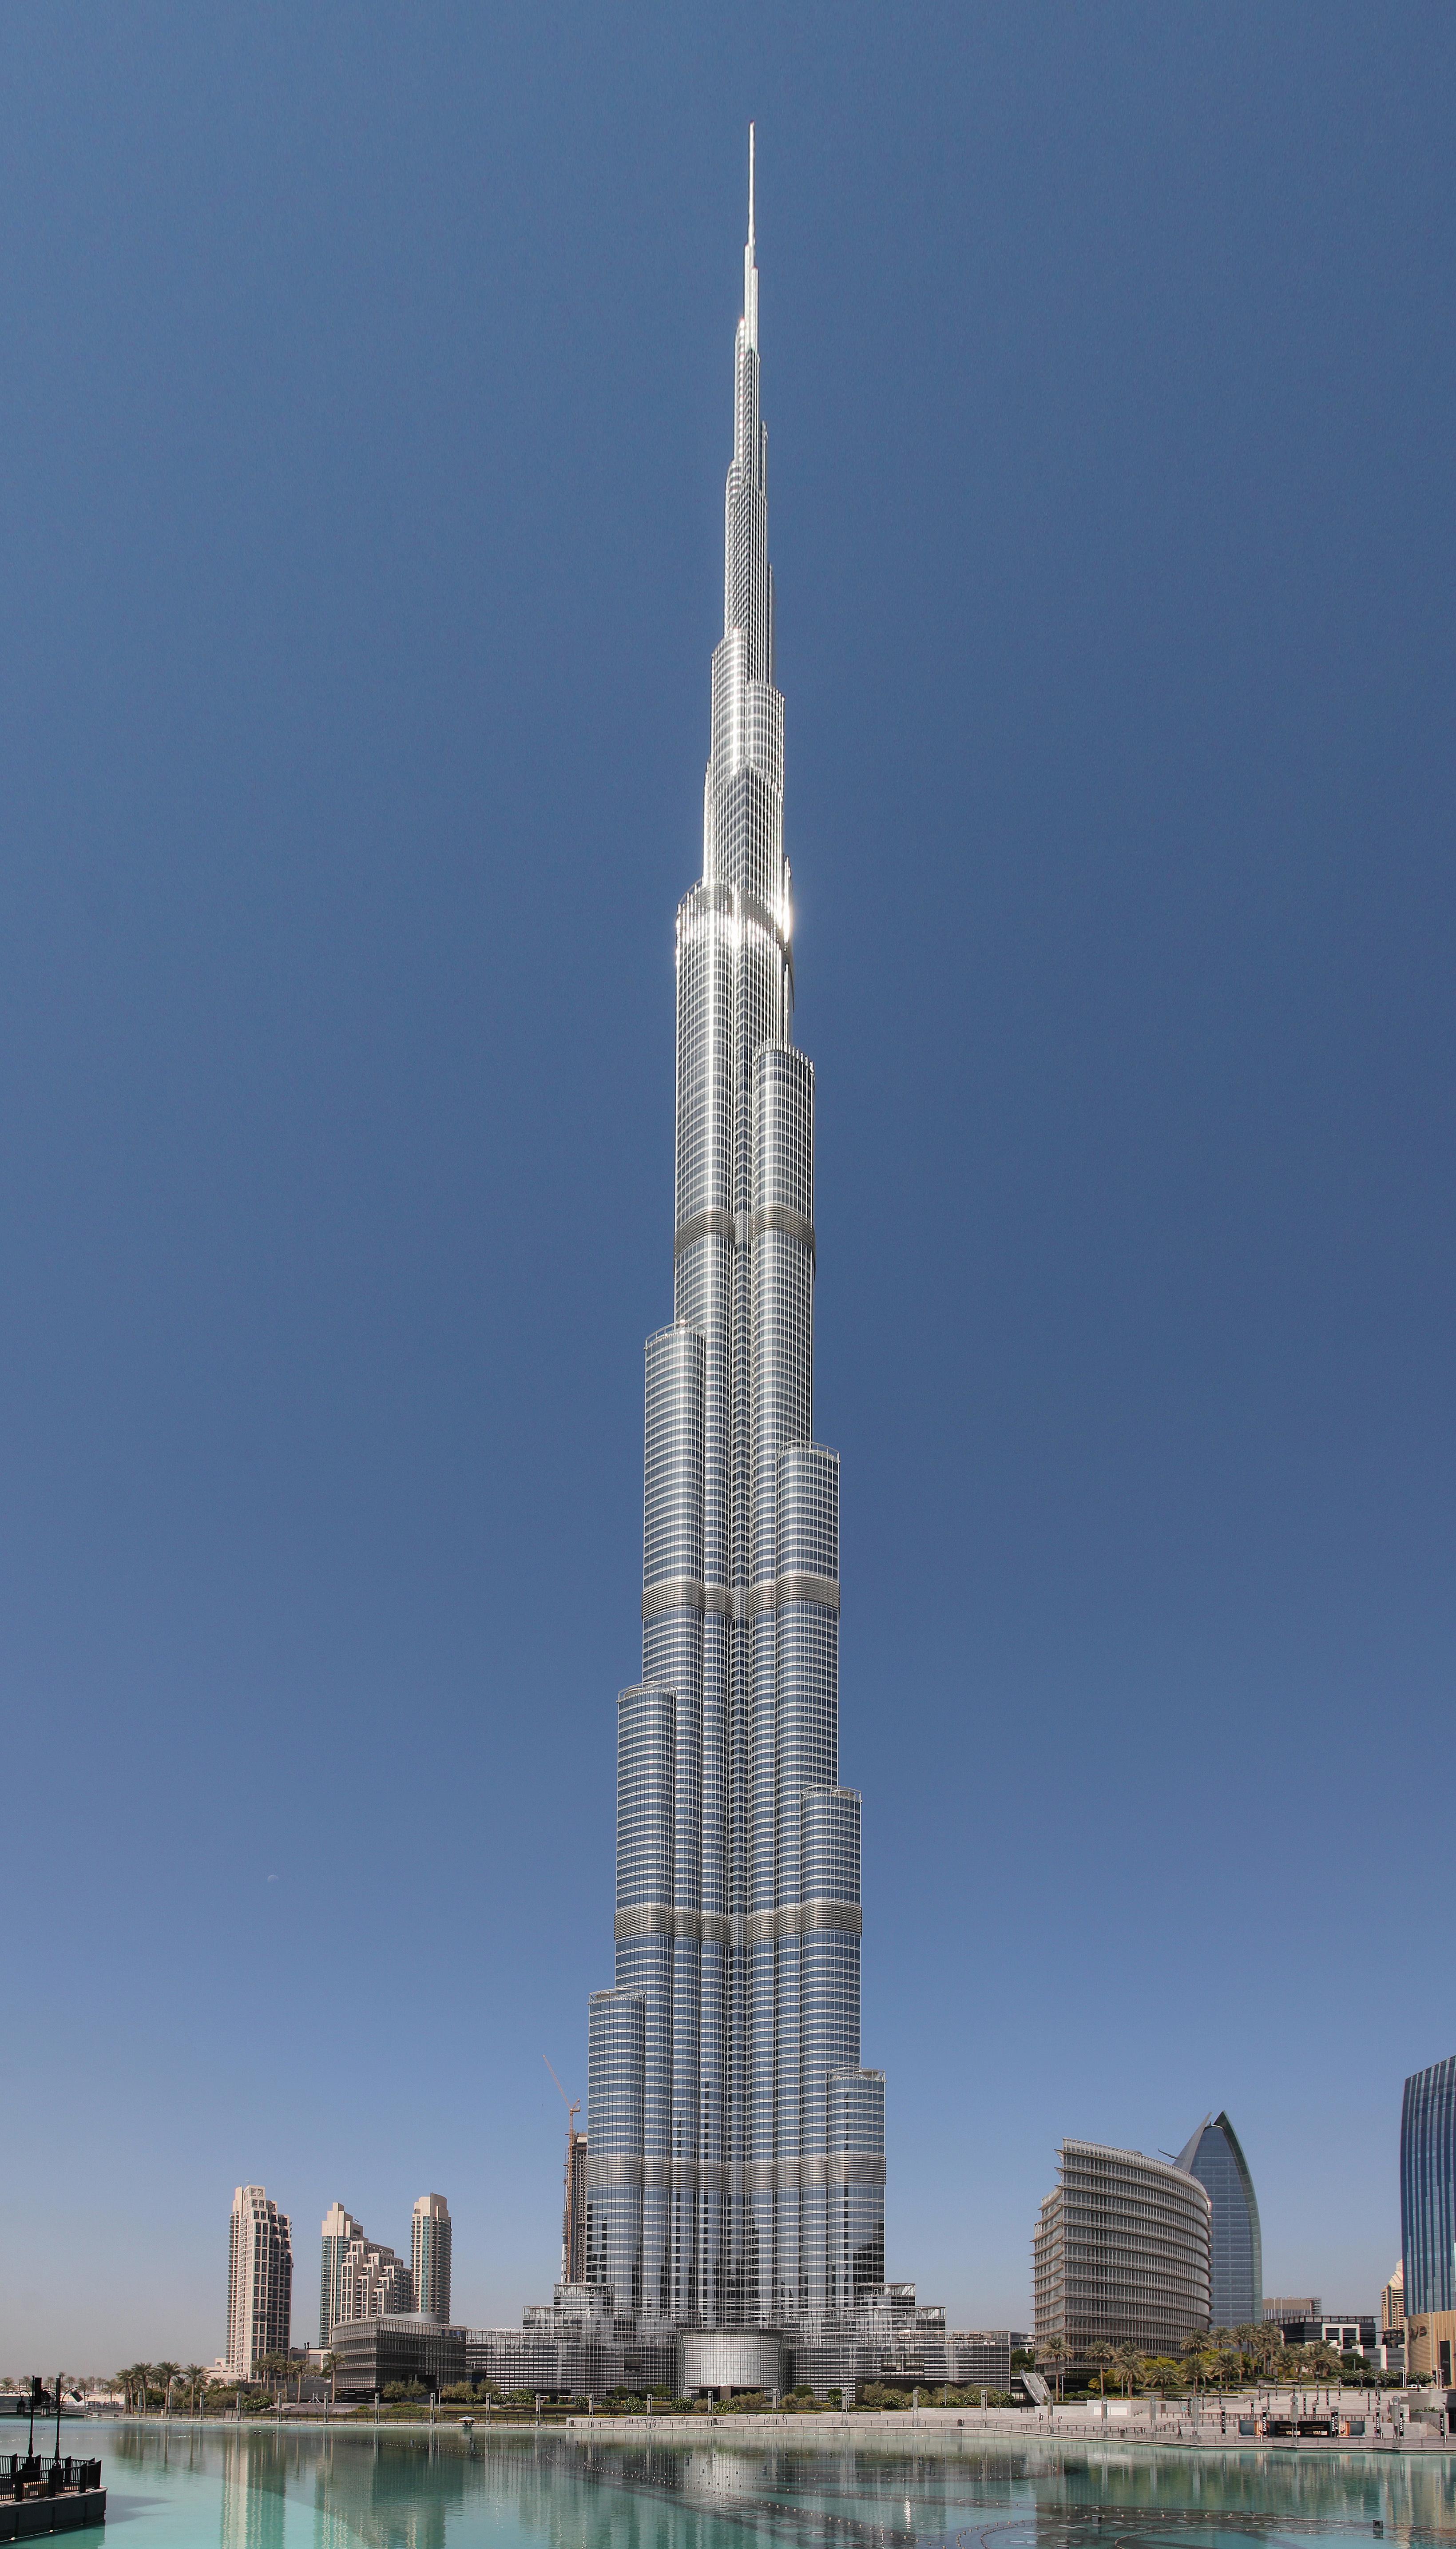 Burj Khalifa.